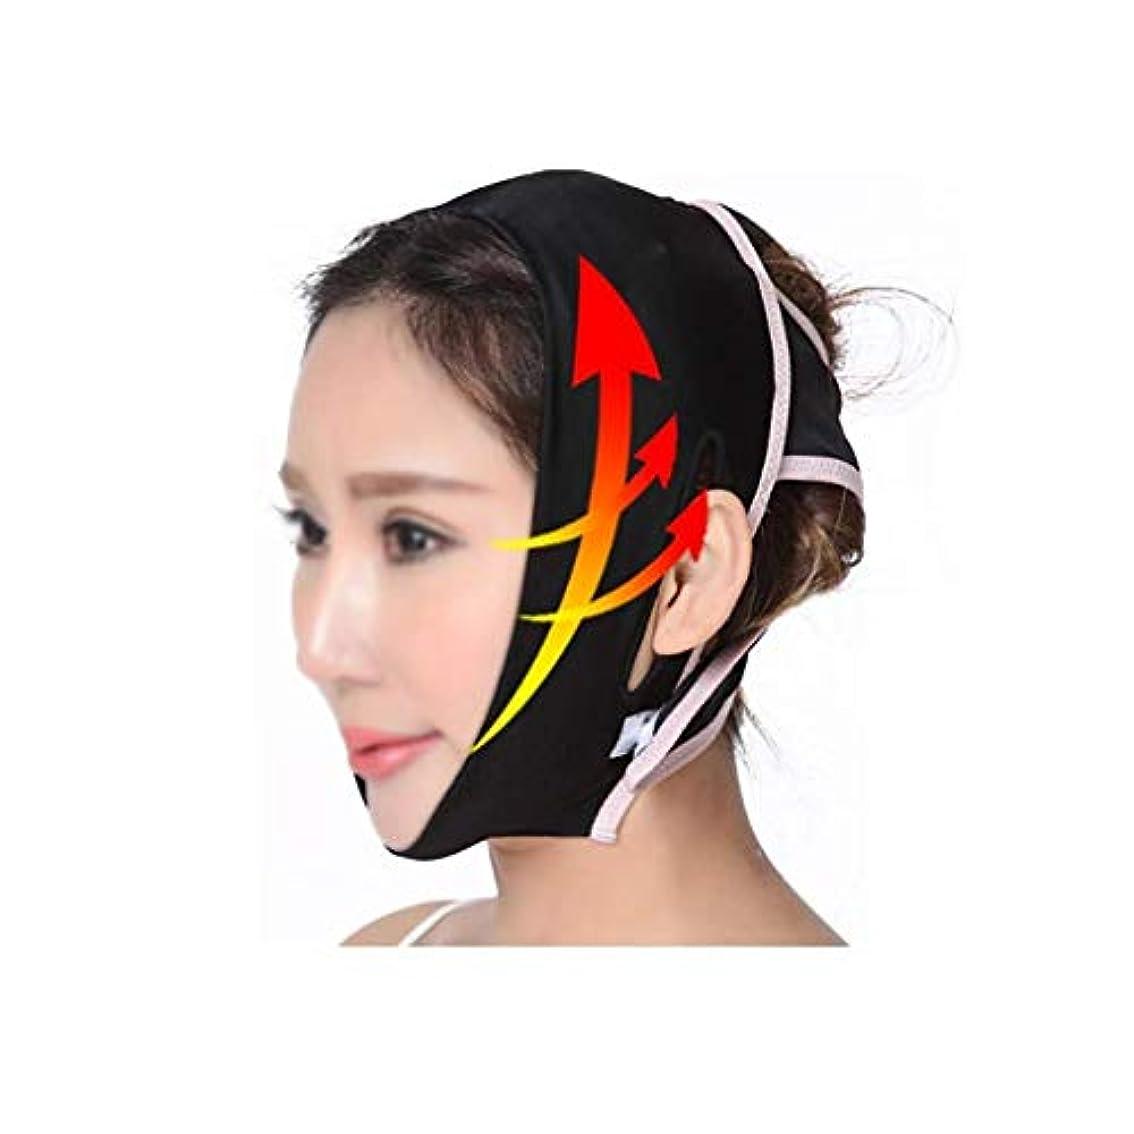 フェリー活発悪意のあるフェイスリフトマスク、フェイシャルマスク睡眠顔整形顔包帯顔リフティングV顔顔アーティファクト回復通気性ネックストラップ(サイズ:M)